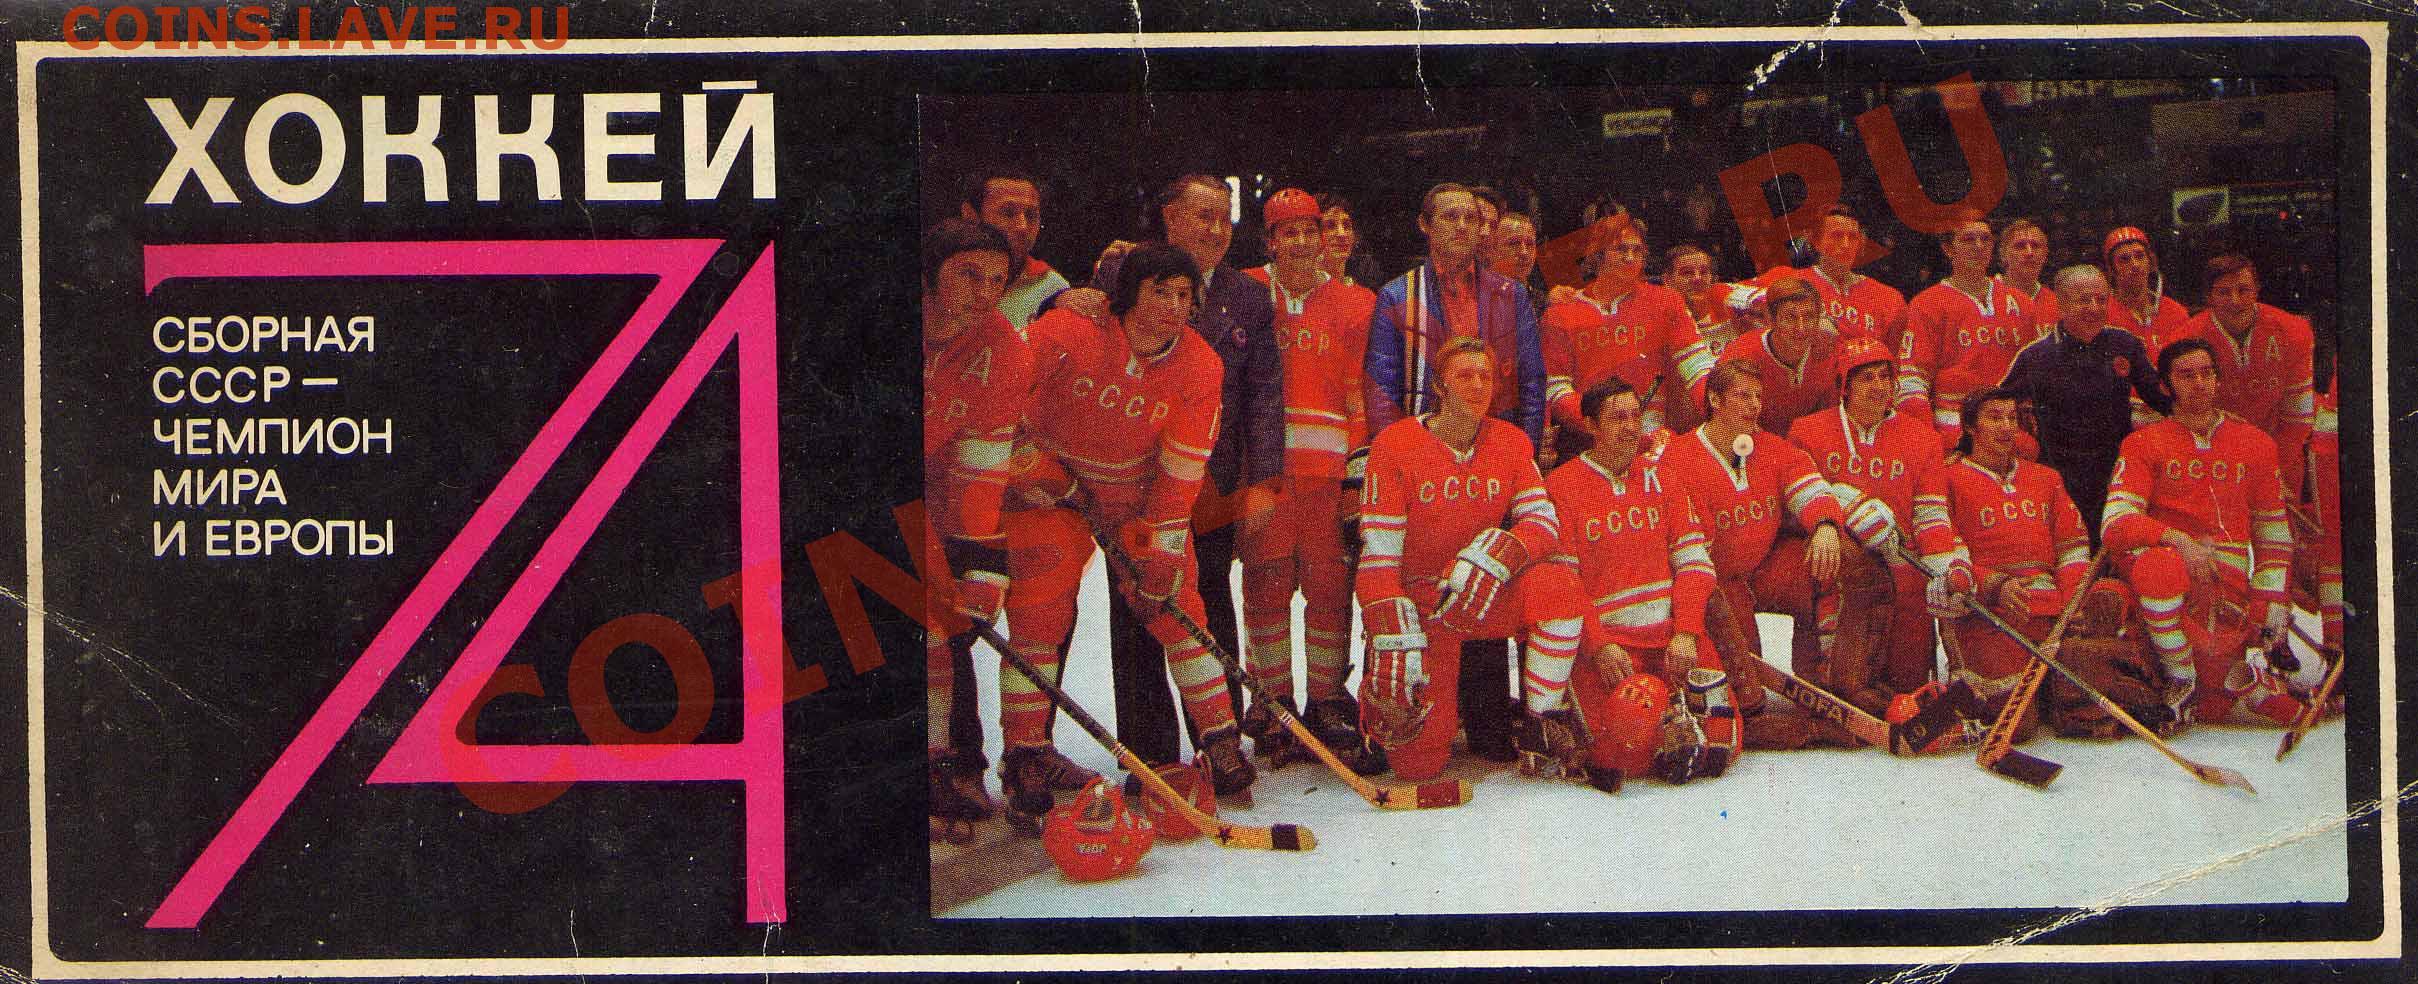 розы открытки фотографии советская сборная по хоккею воска